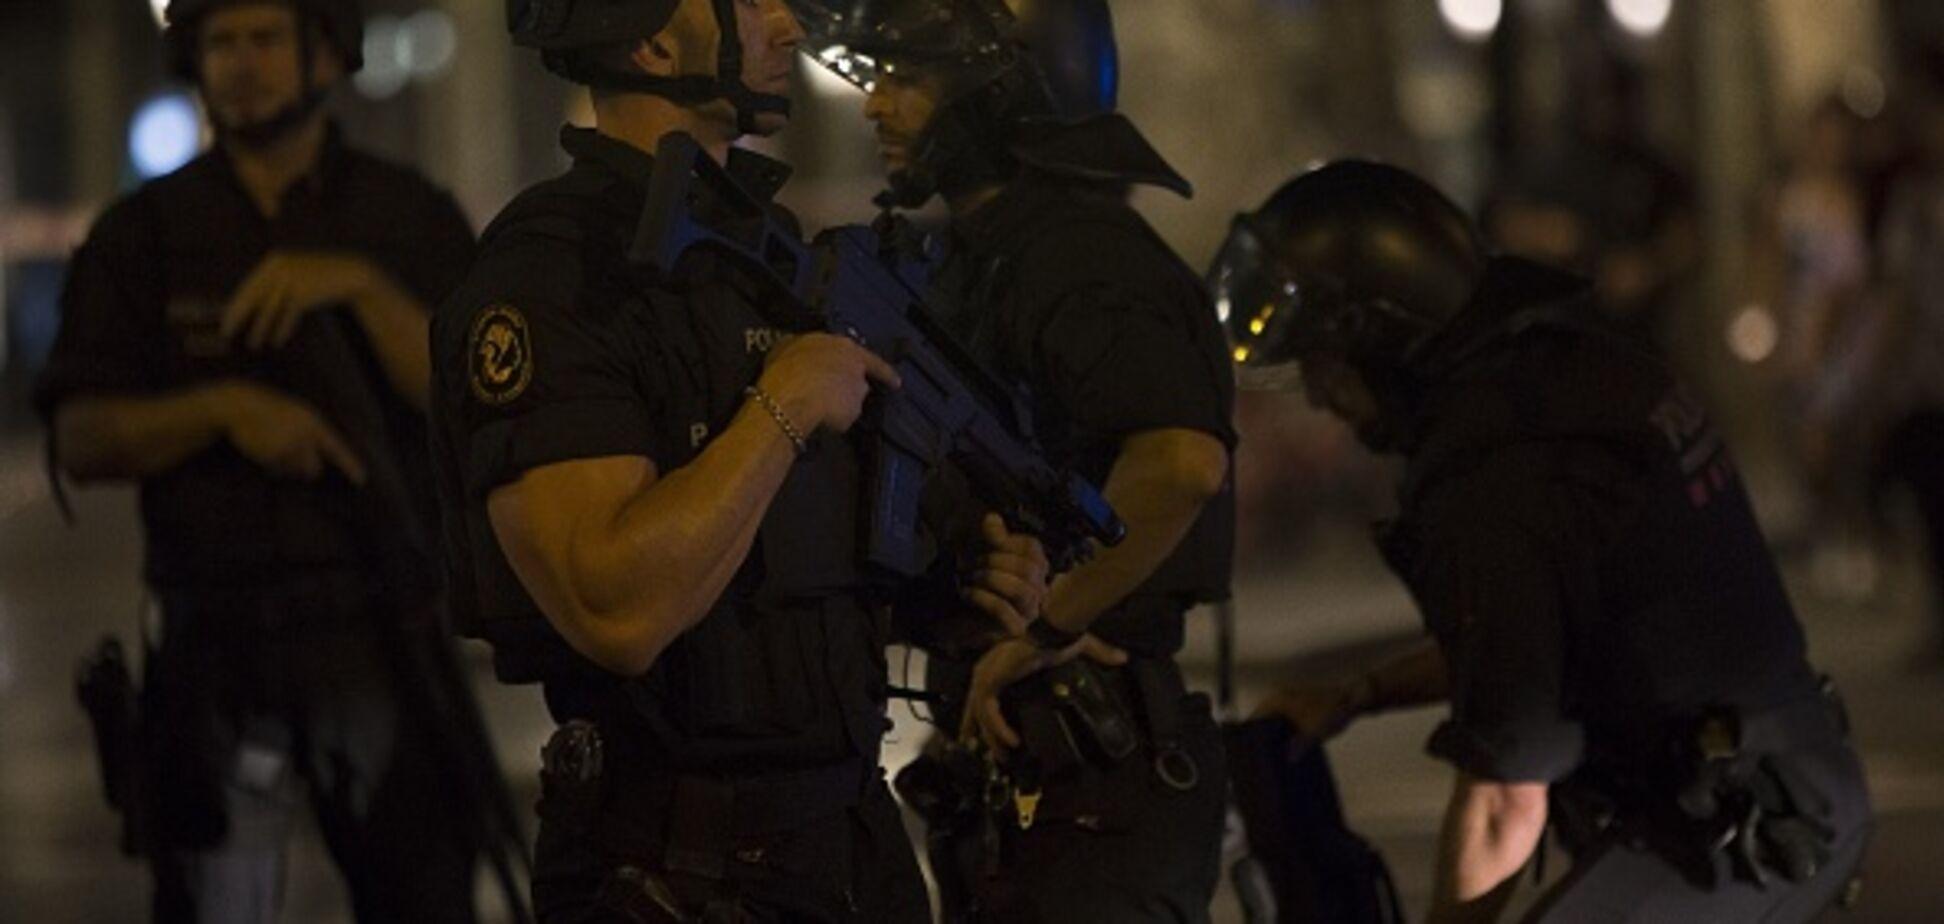 Теракт у Барселоні: стали відомі національності жертв і постраждалих